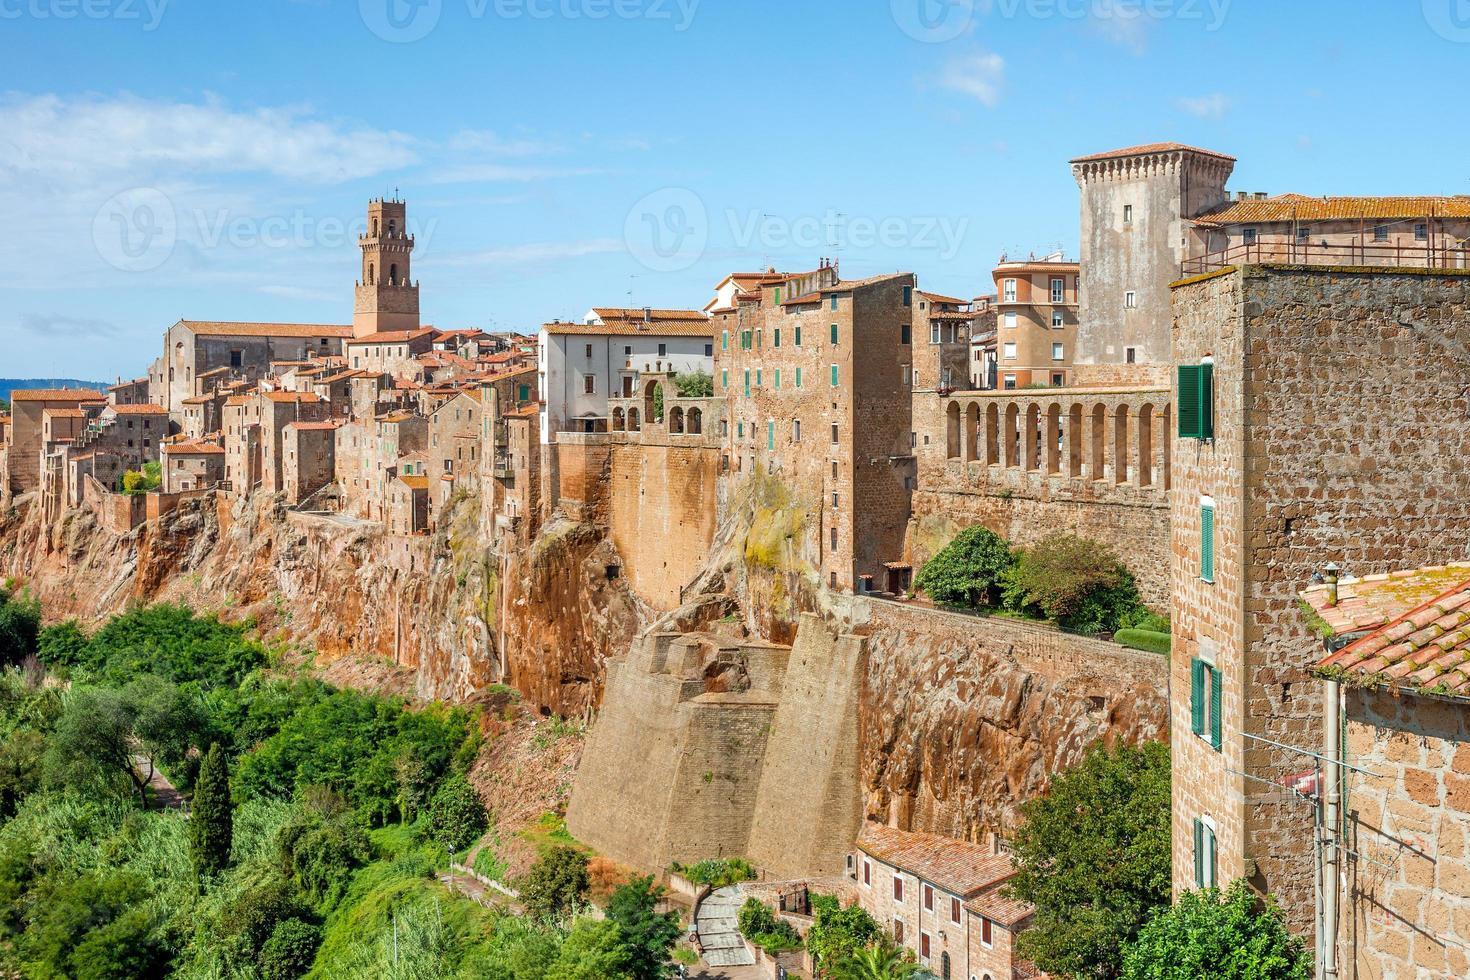 cidade velha de pitigliano toscana itália foto